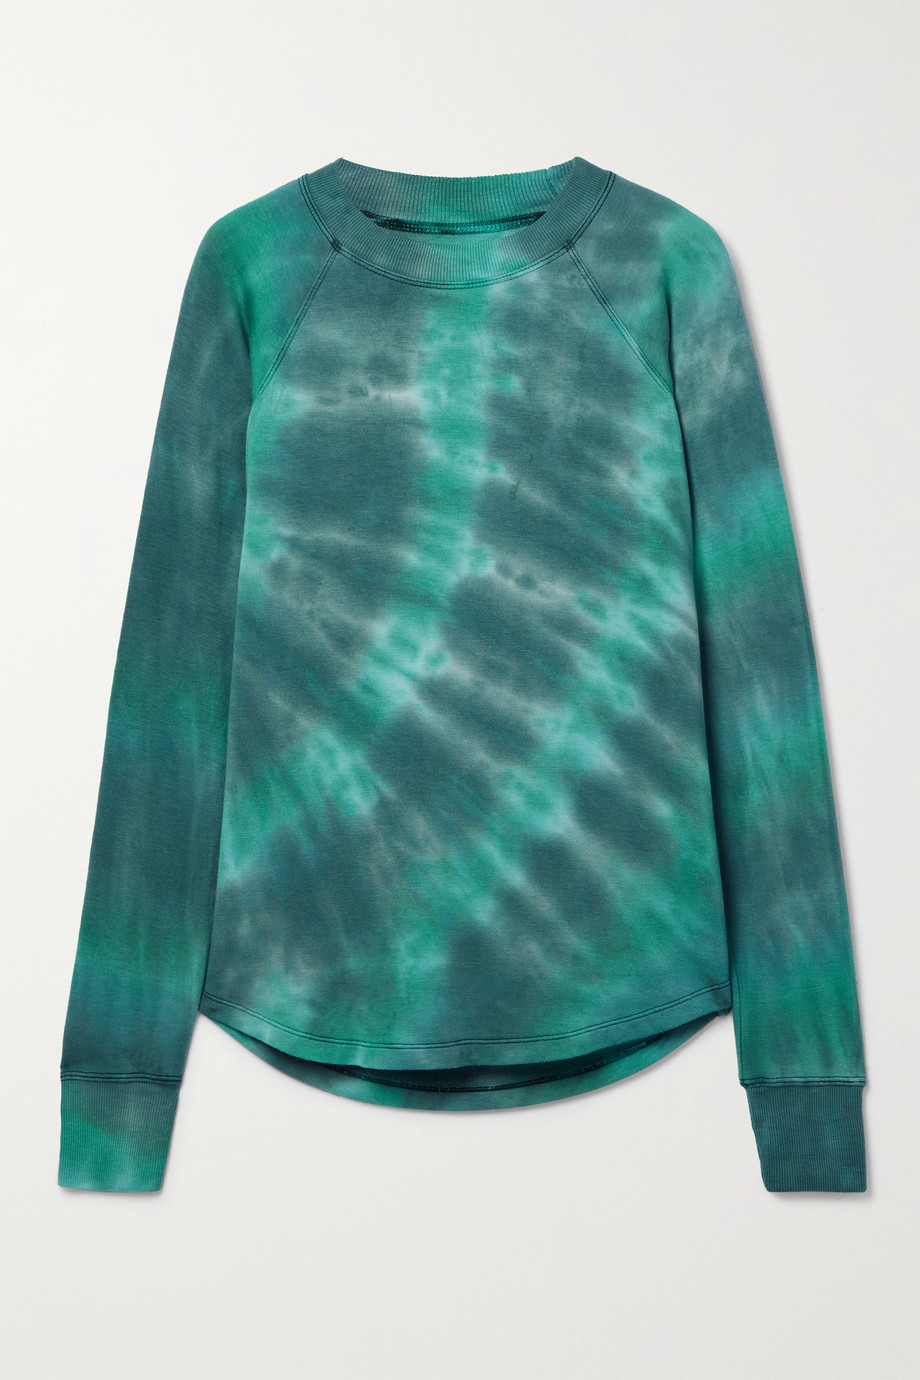 Splits59 Warm Up tie-dyed stretch-modal sweatshirt